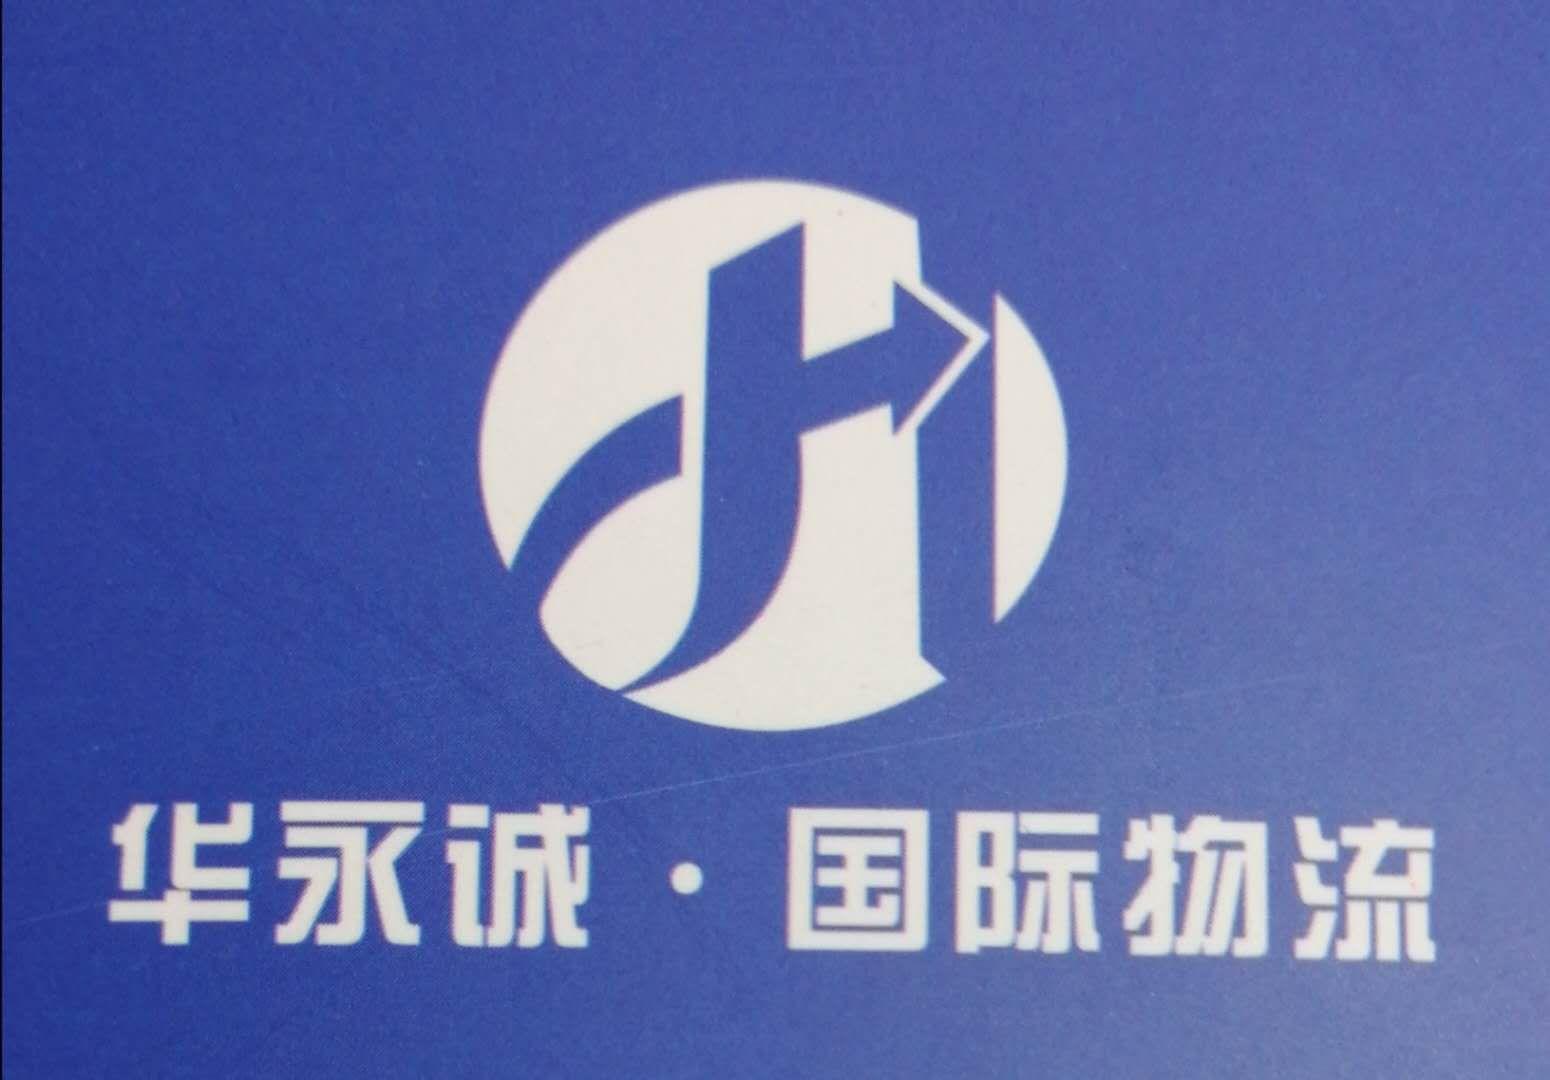 深圳蛇口港冻虾进口报关公司提供配额